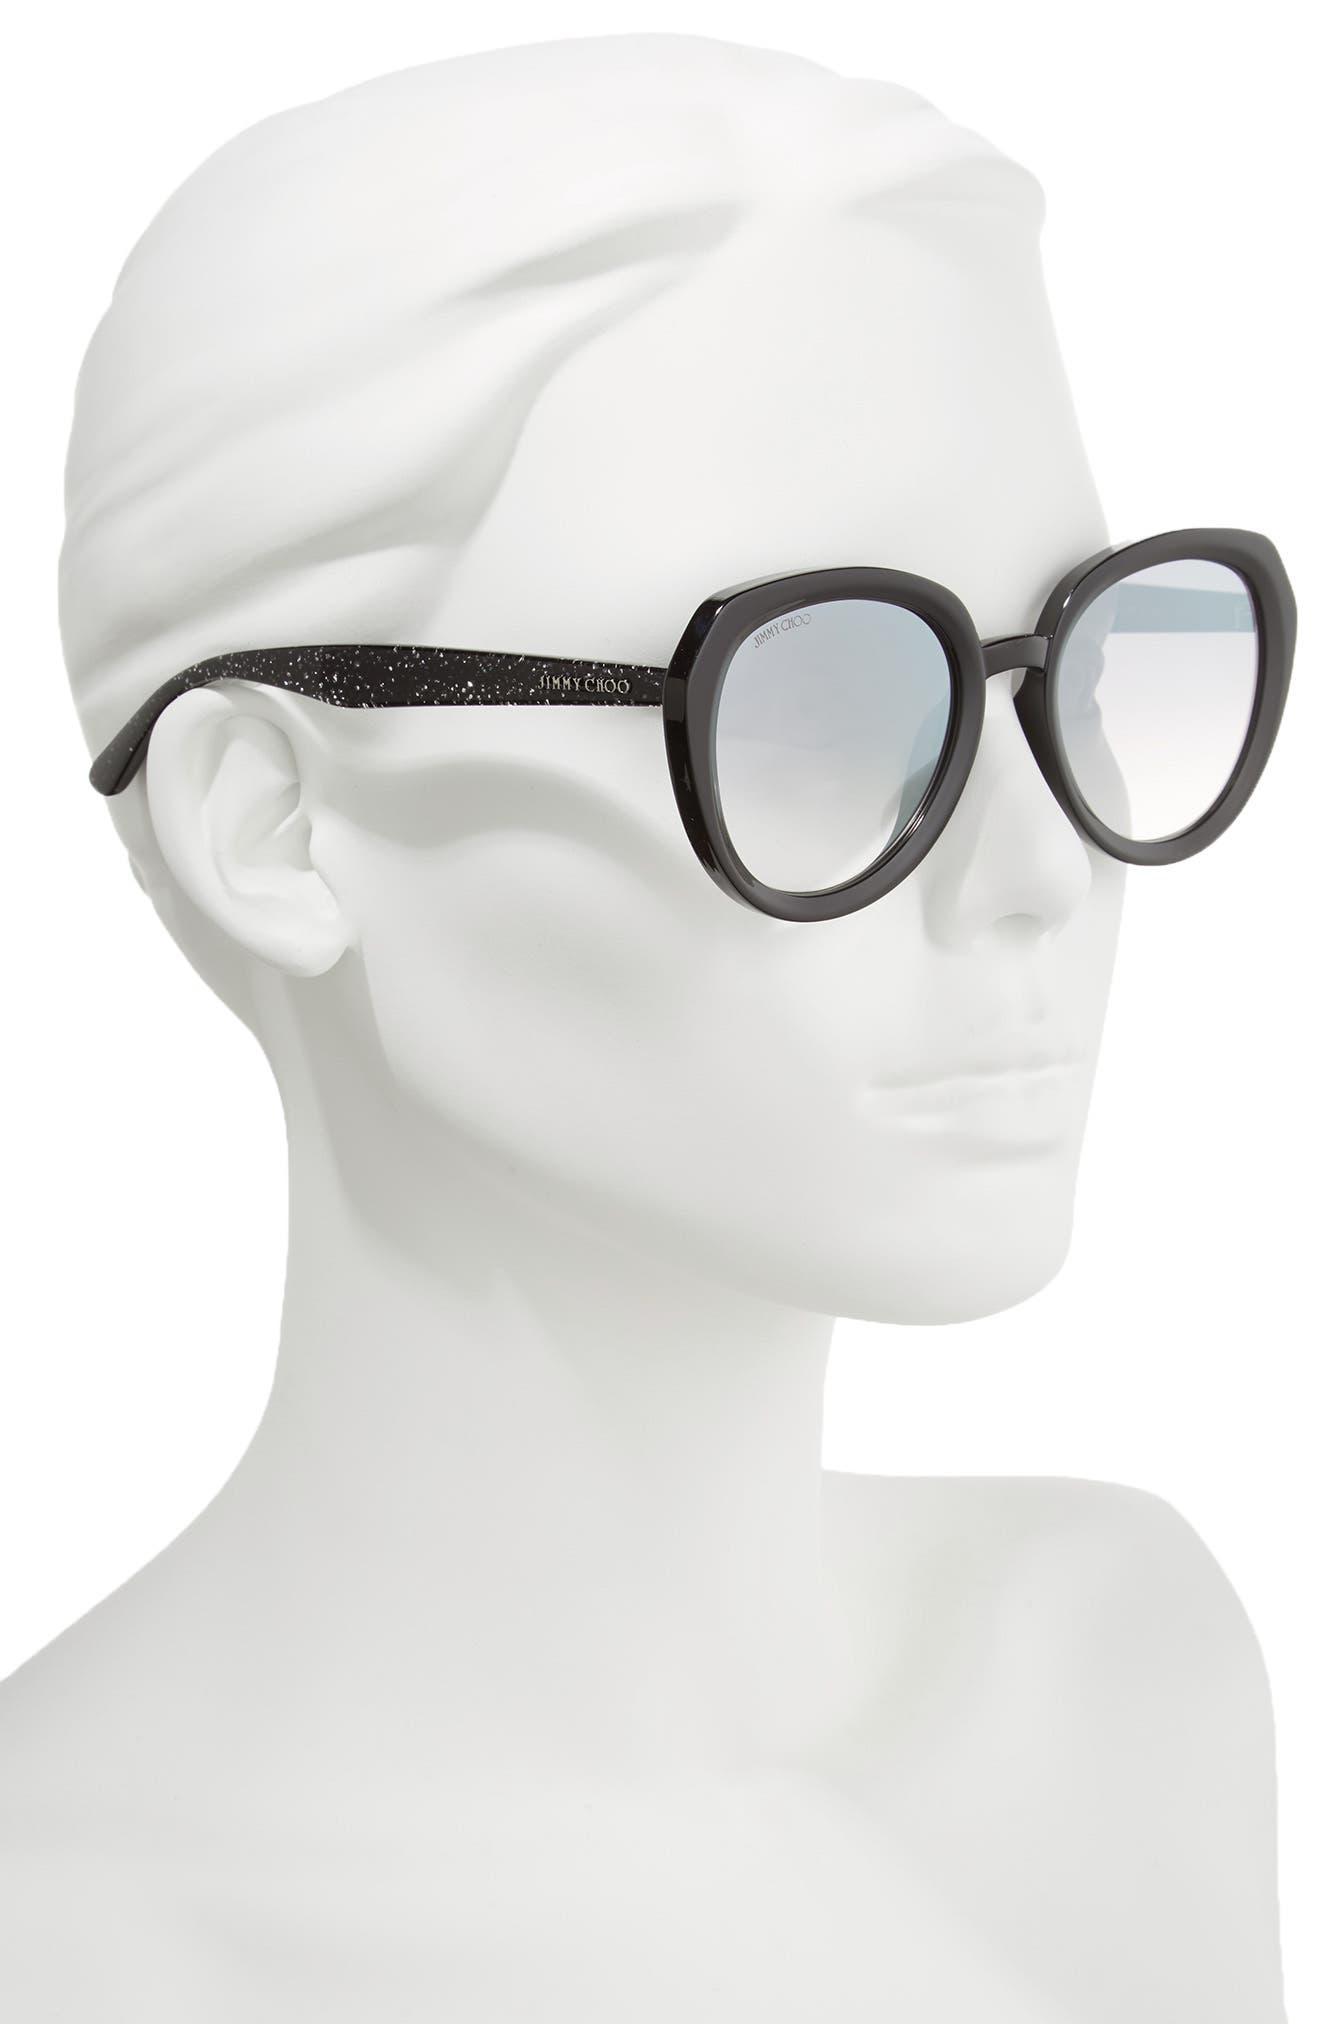 8a6615ed1908 Jimmy Choo Sunglasses for Women